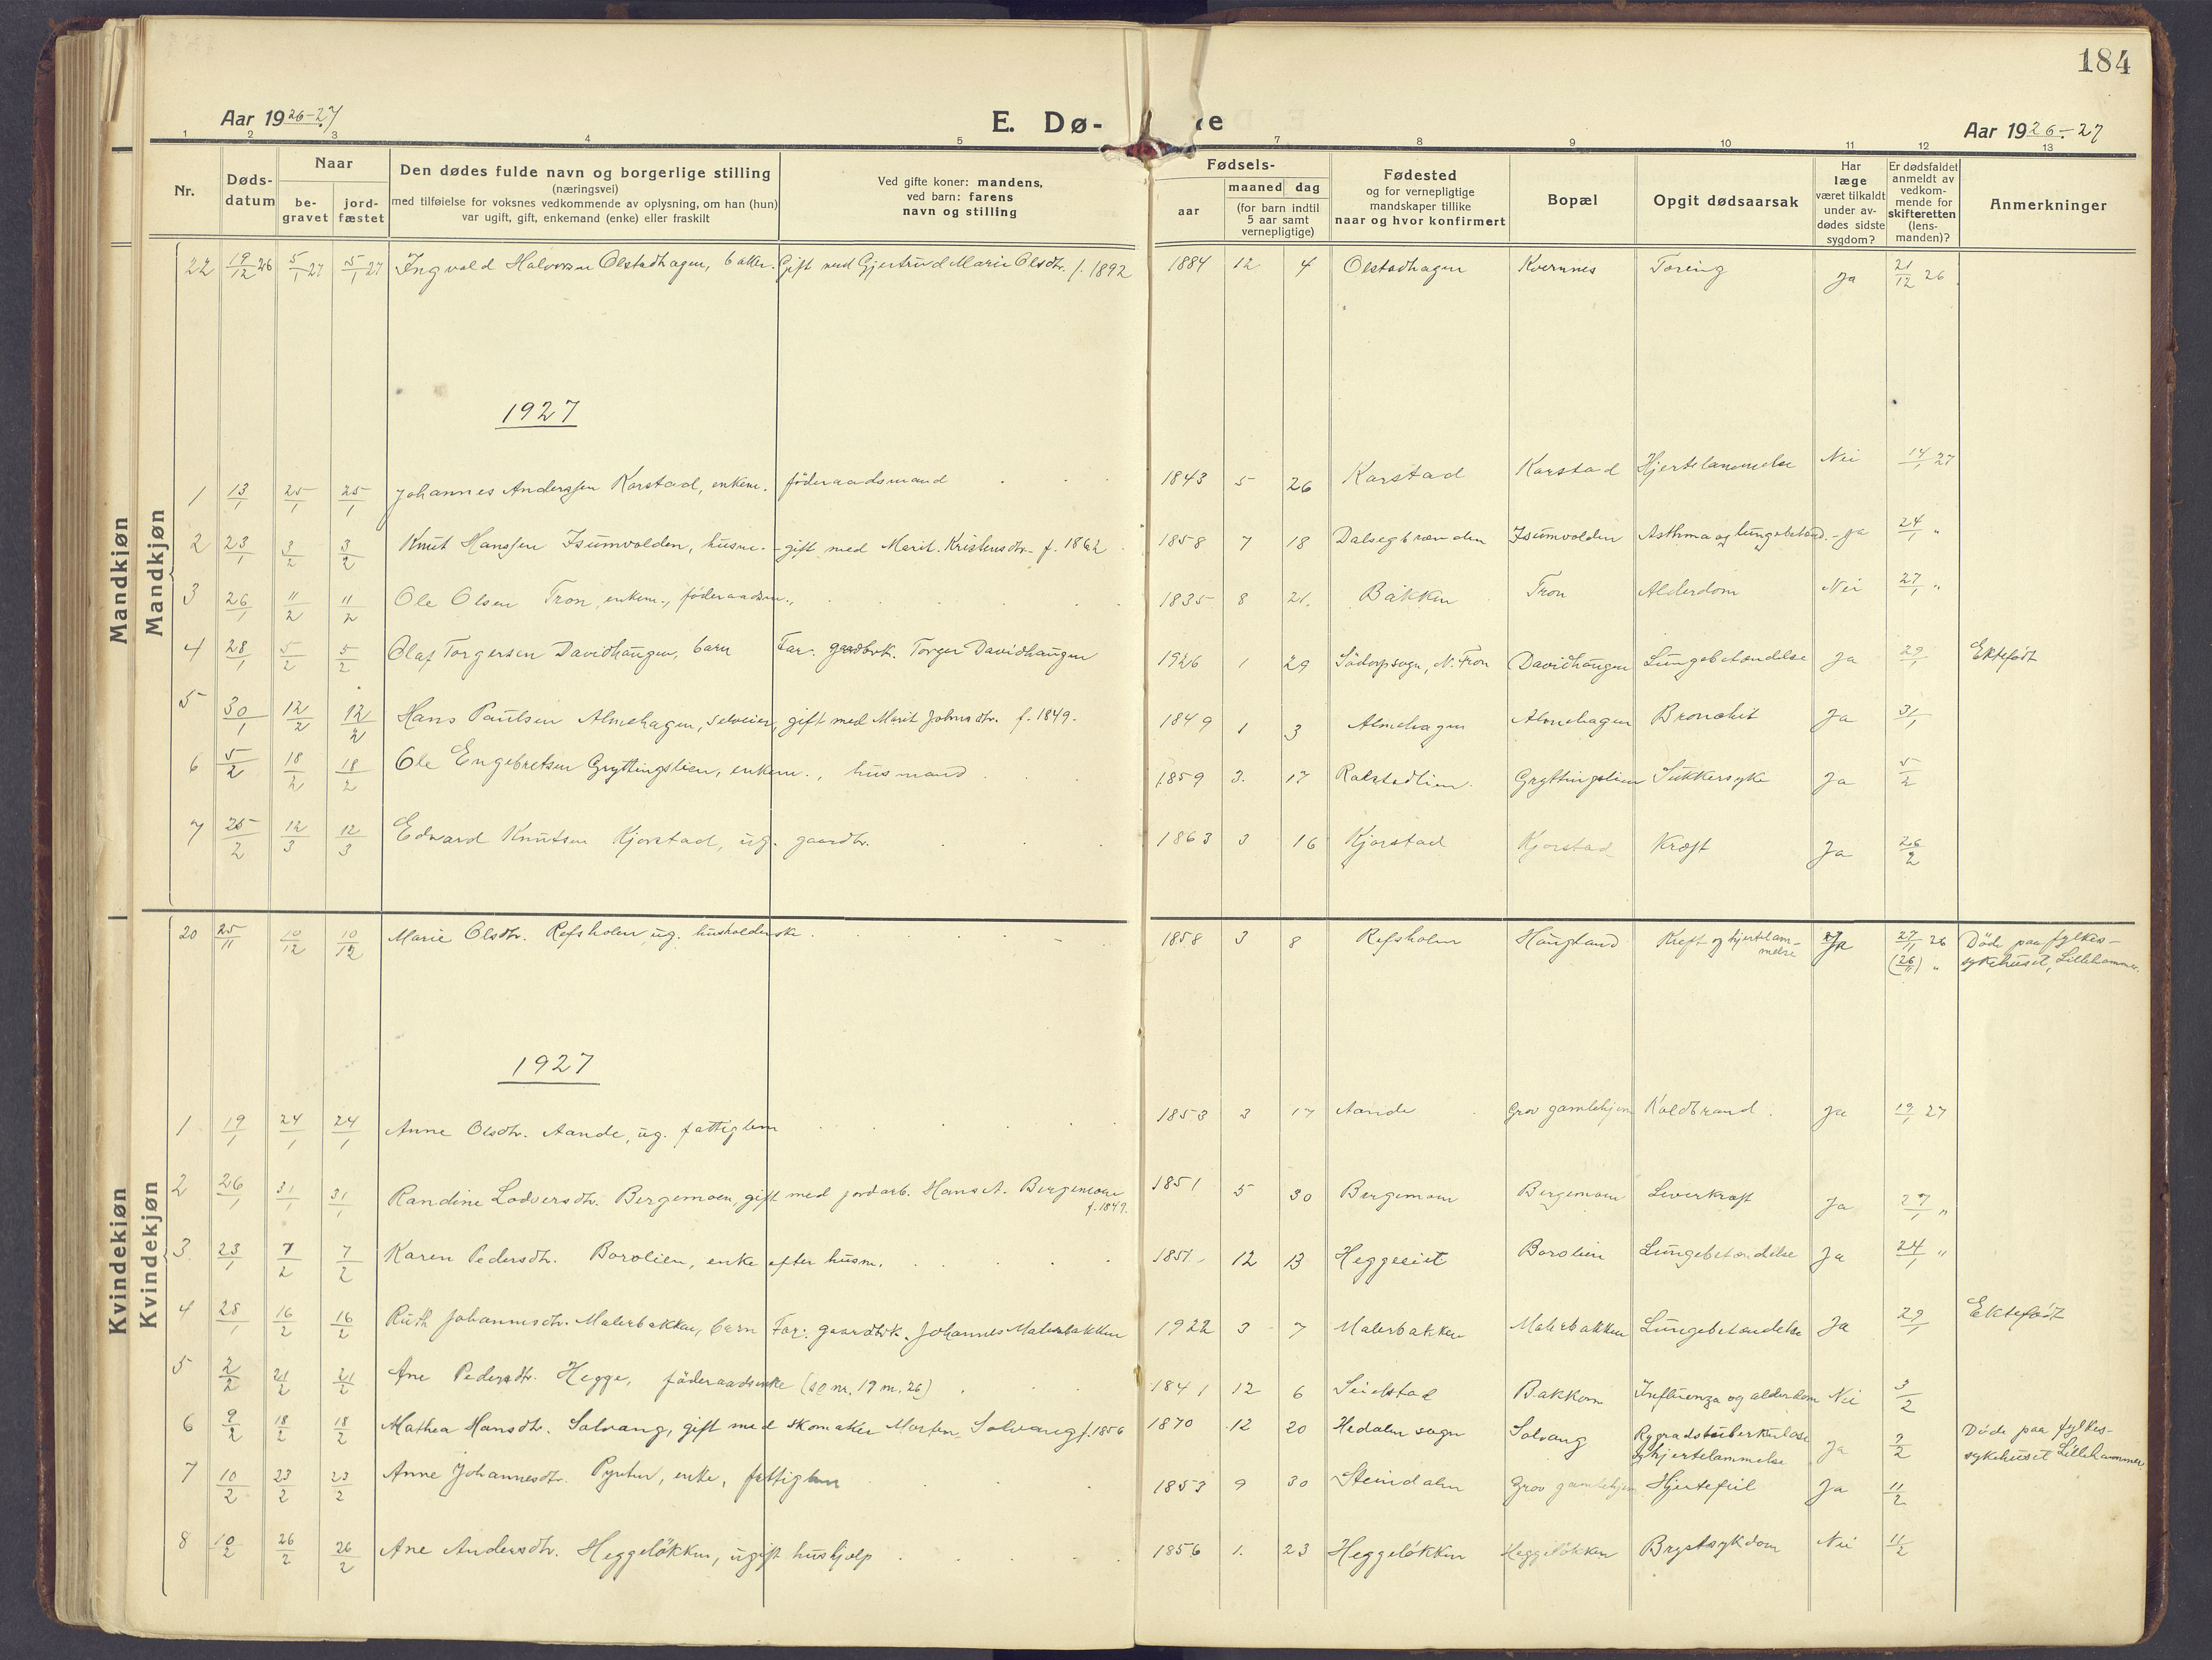 SAH, Sør-Fron prestekontor, H/Ha/Haa/L0005: Ministerialbok nr. 5, 1920-1933, s. 184